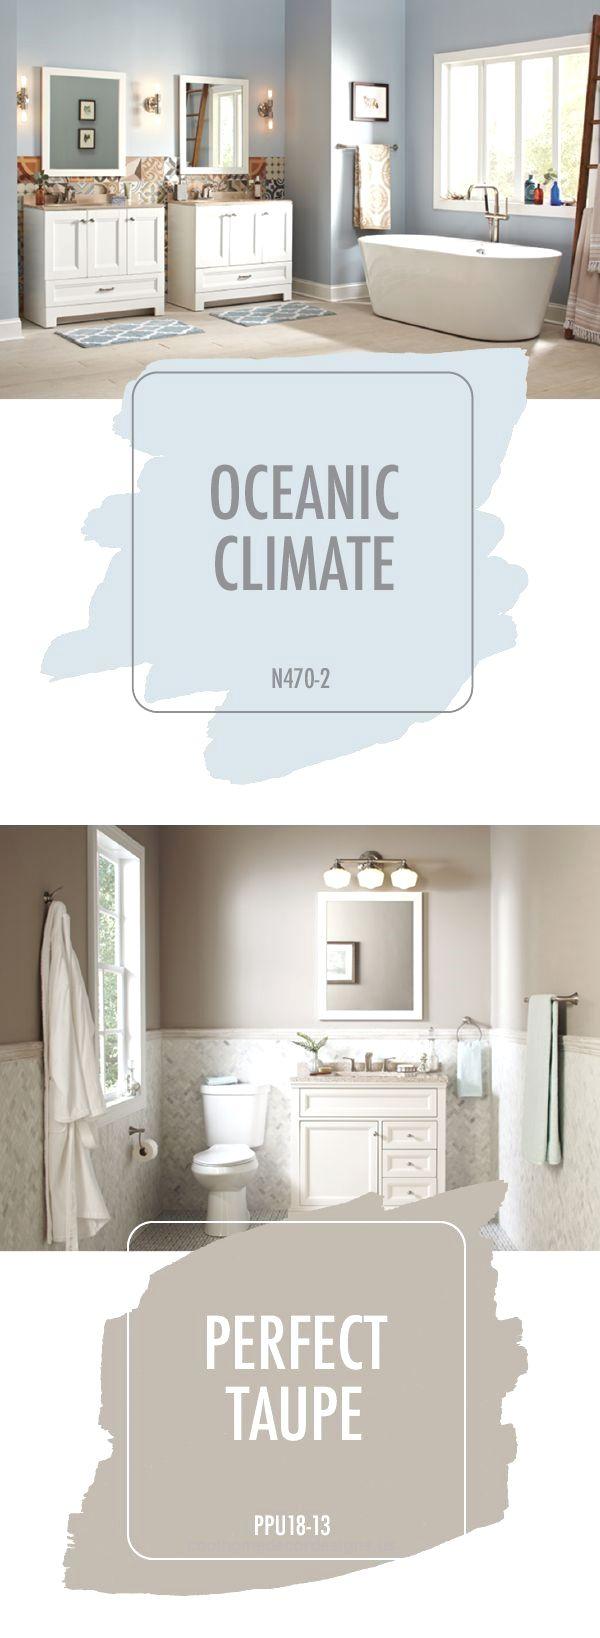 Les 25 meilleures id es de la cat gorie palettes de couleur taupe sur pinterest salles taupe - Choose bathrooms palette ...